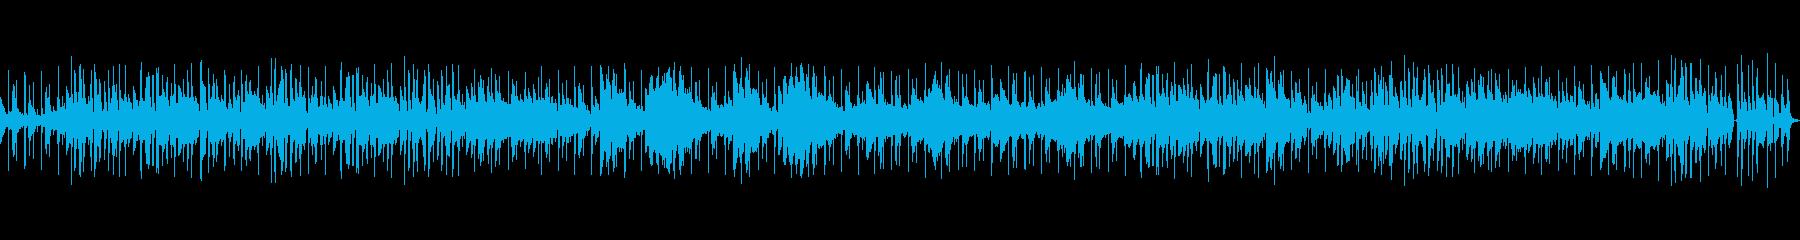 オープニングに合うお洒落なジャズBGMの再生済みの波形